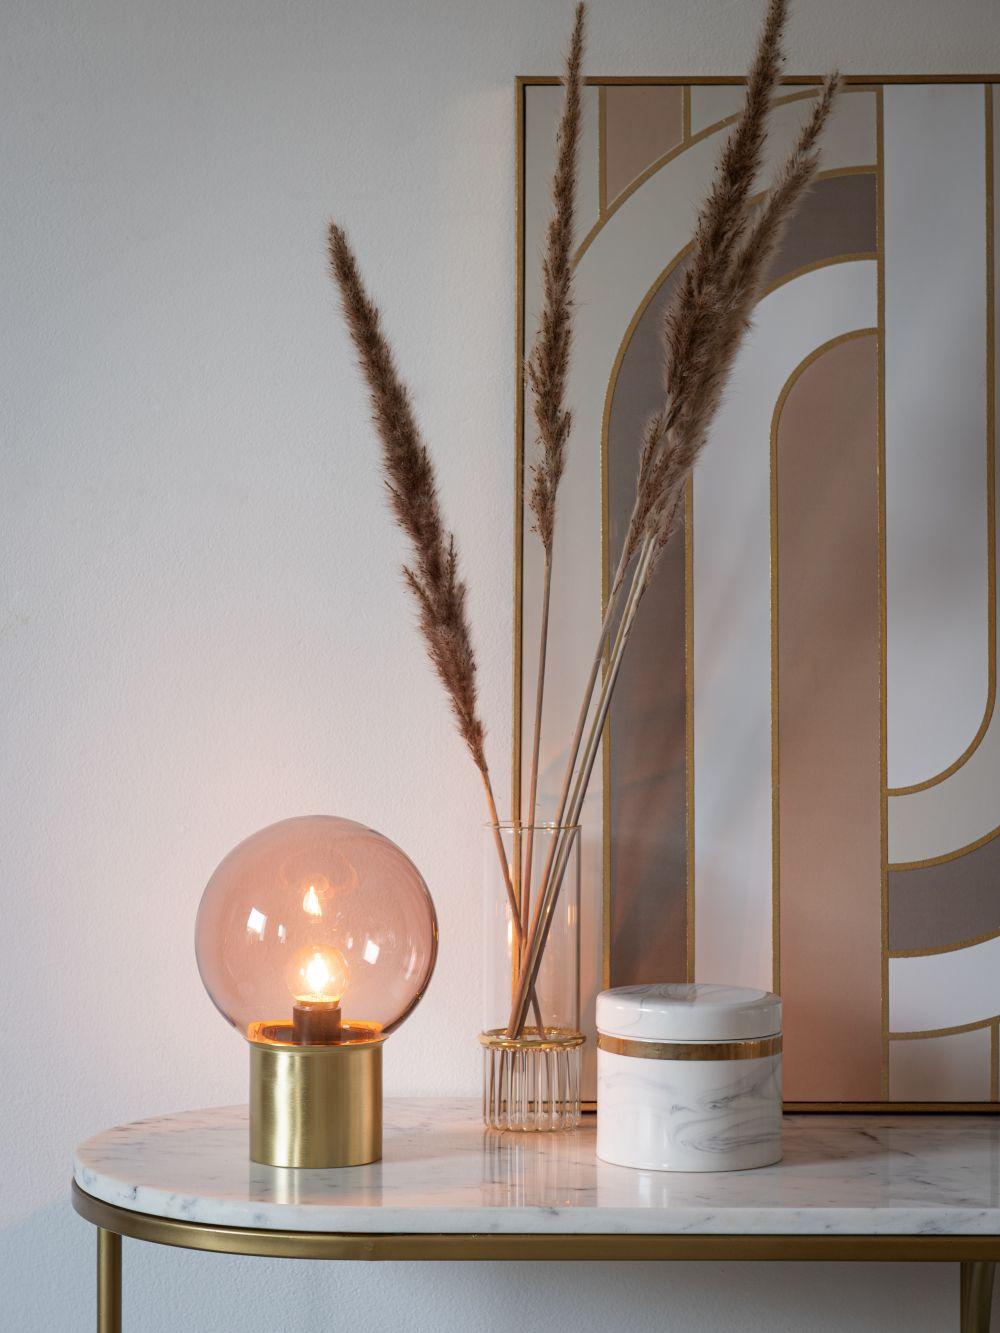 Lampe à piles globe en verre teinté rose et métal doré